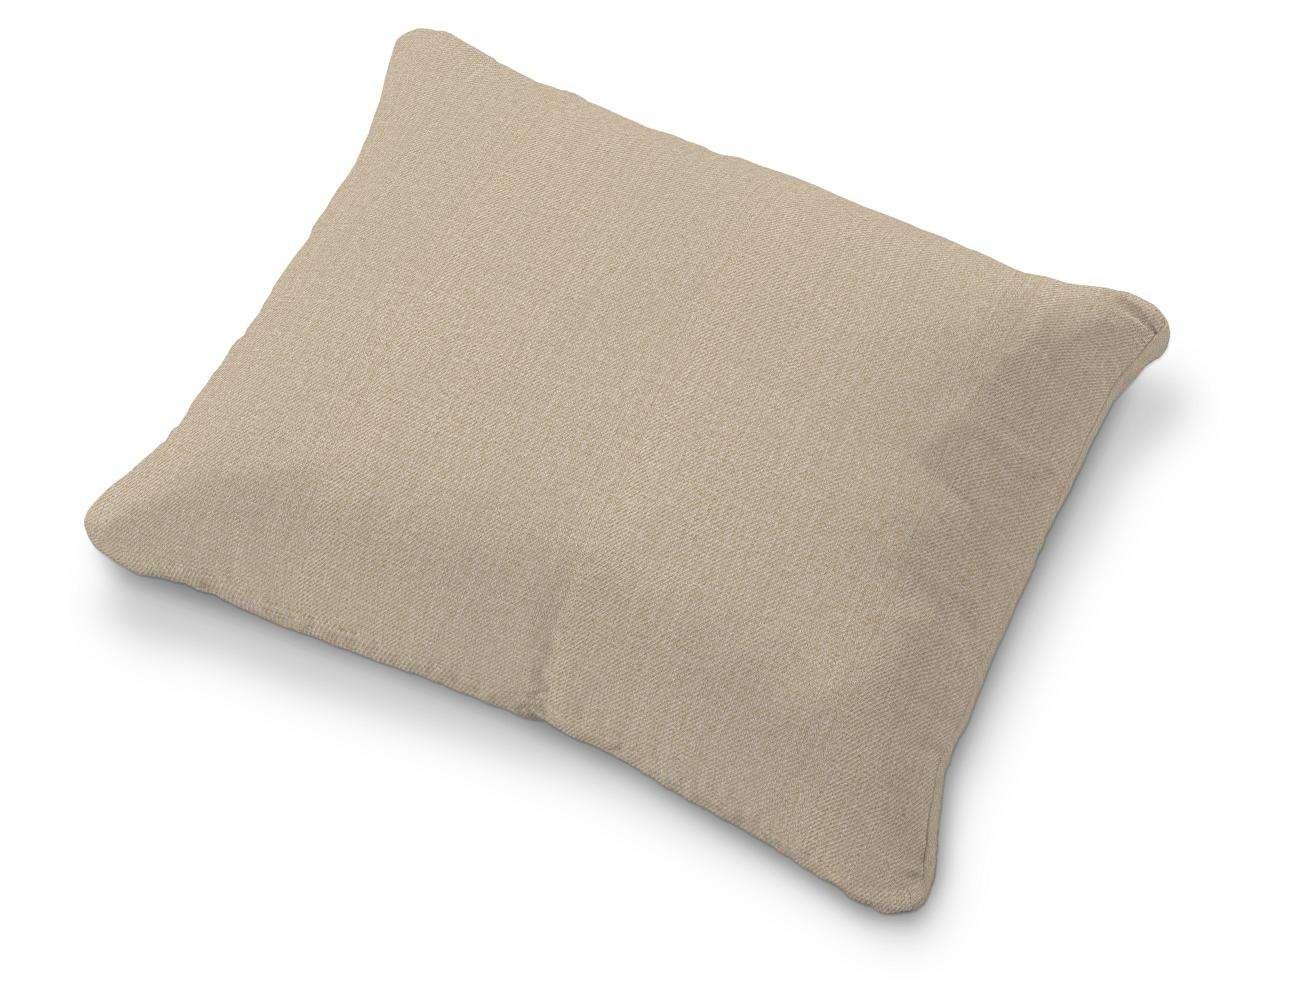 Karlstad pagalvėlės užvalkalas(58 cm x 48 cm) Karlstad pagavėlės užvalkalas 58x48cm kolekcijoje Edinburgh , audinys: 115-78